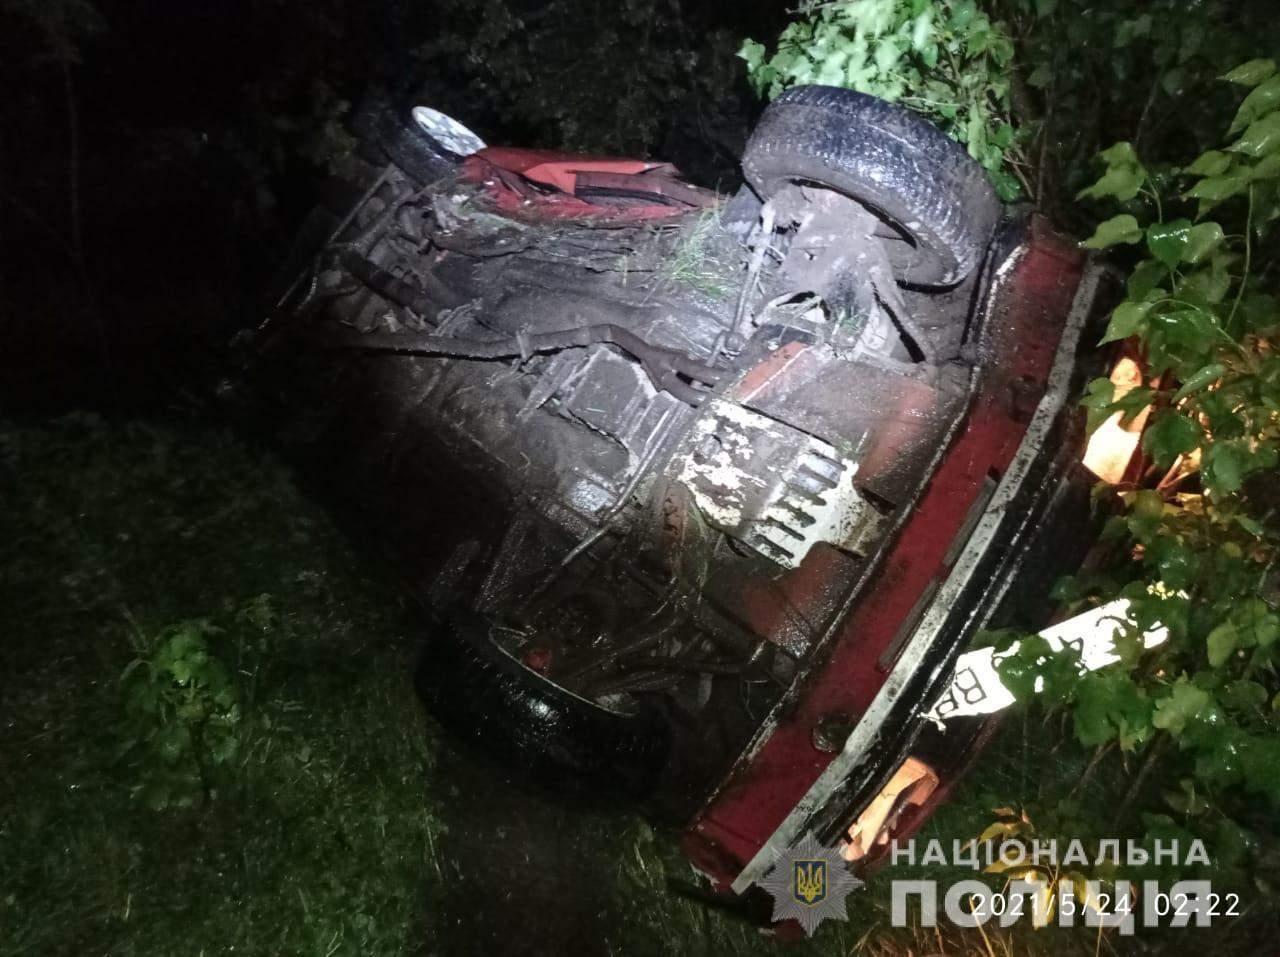 На Львівщині авто п'яного водія вилетіло в кювет і перекинулось: постраждали неповнолітні